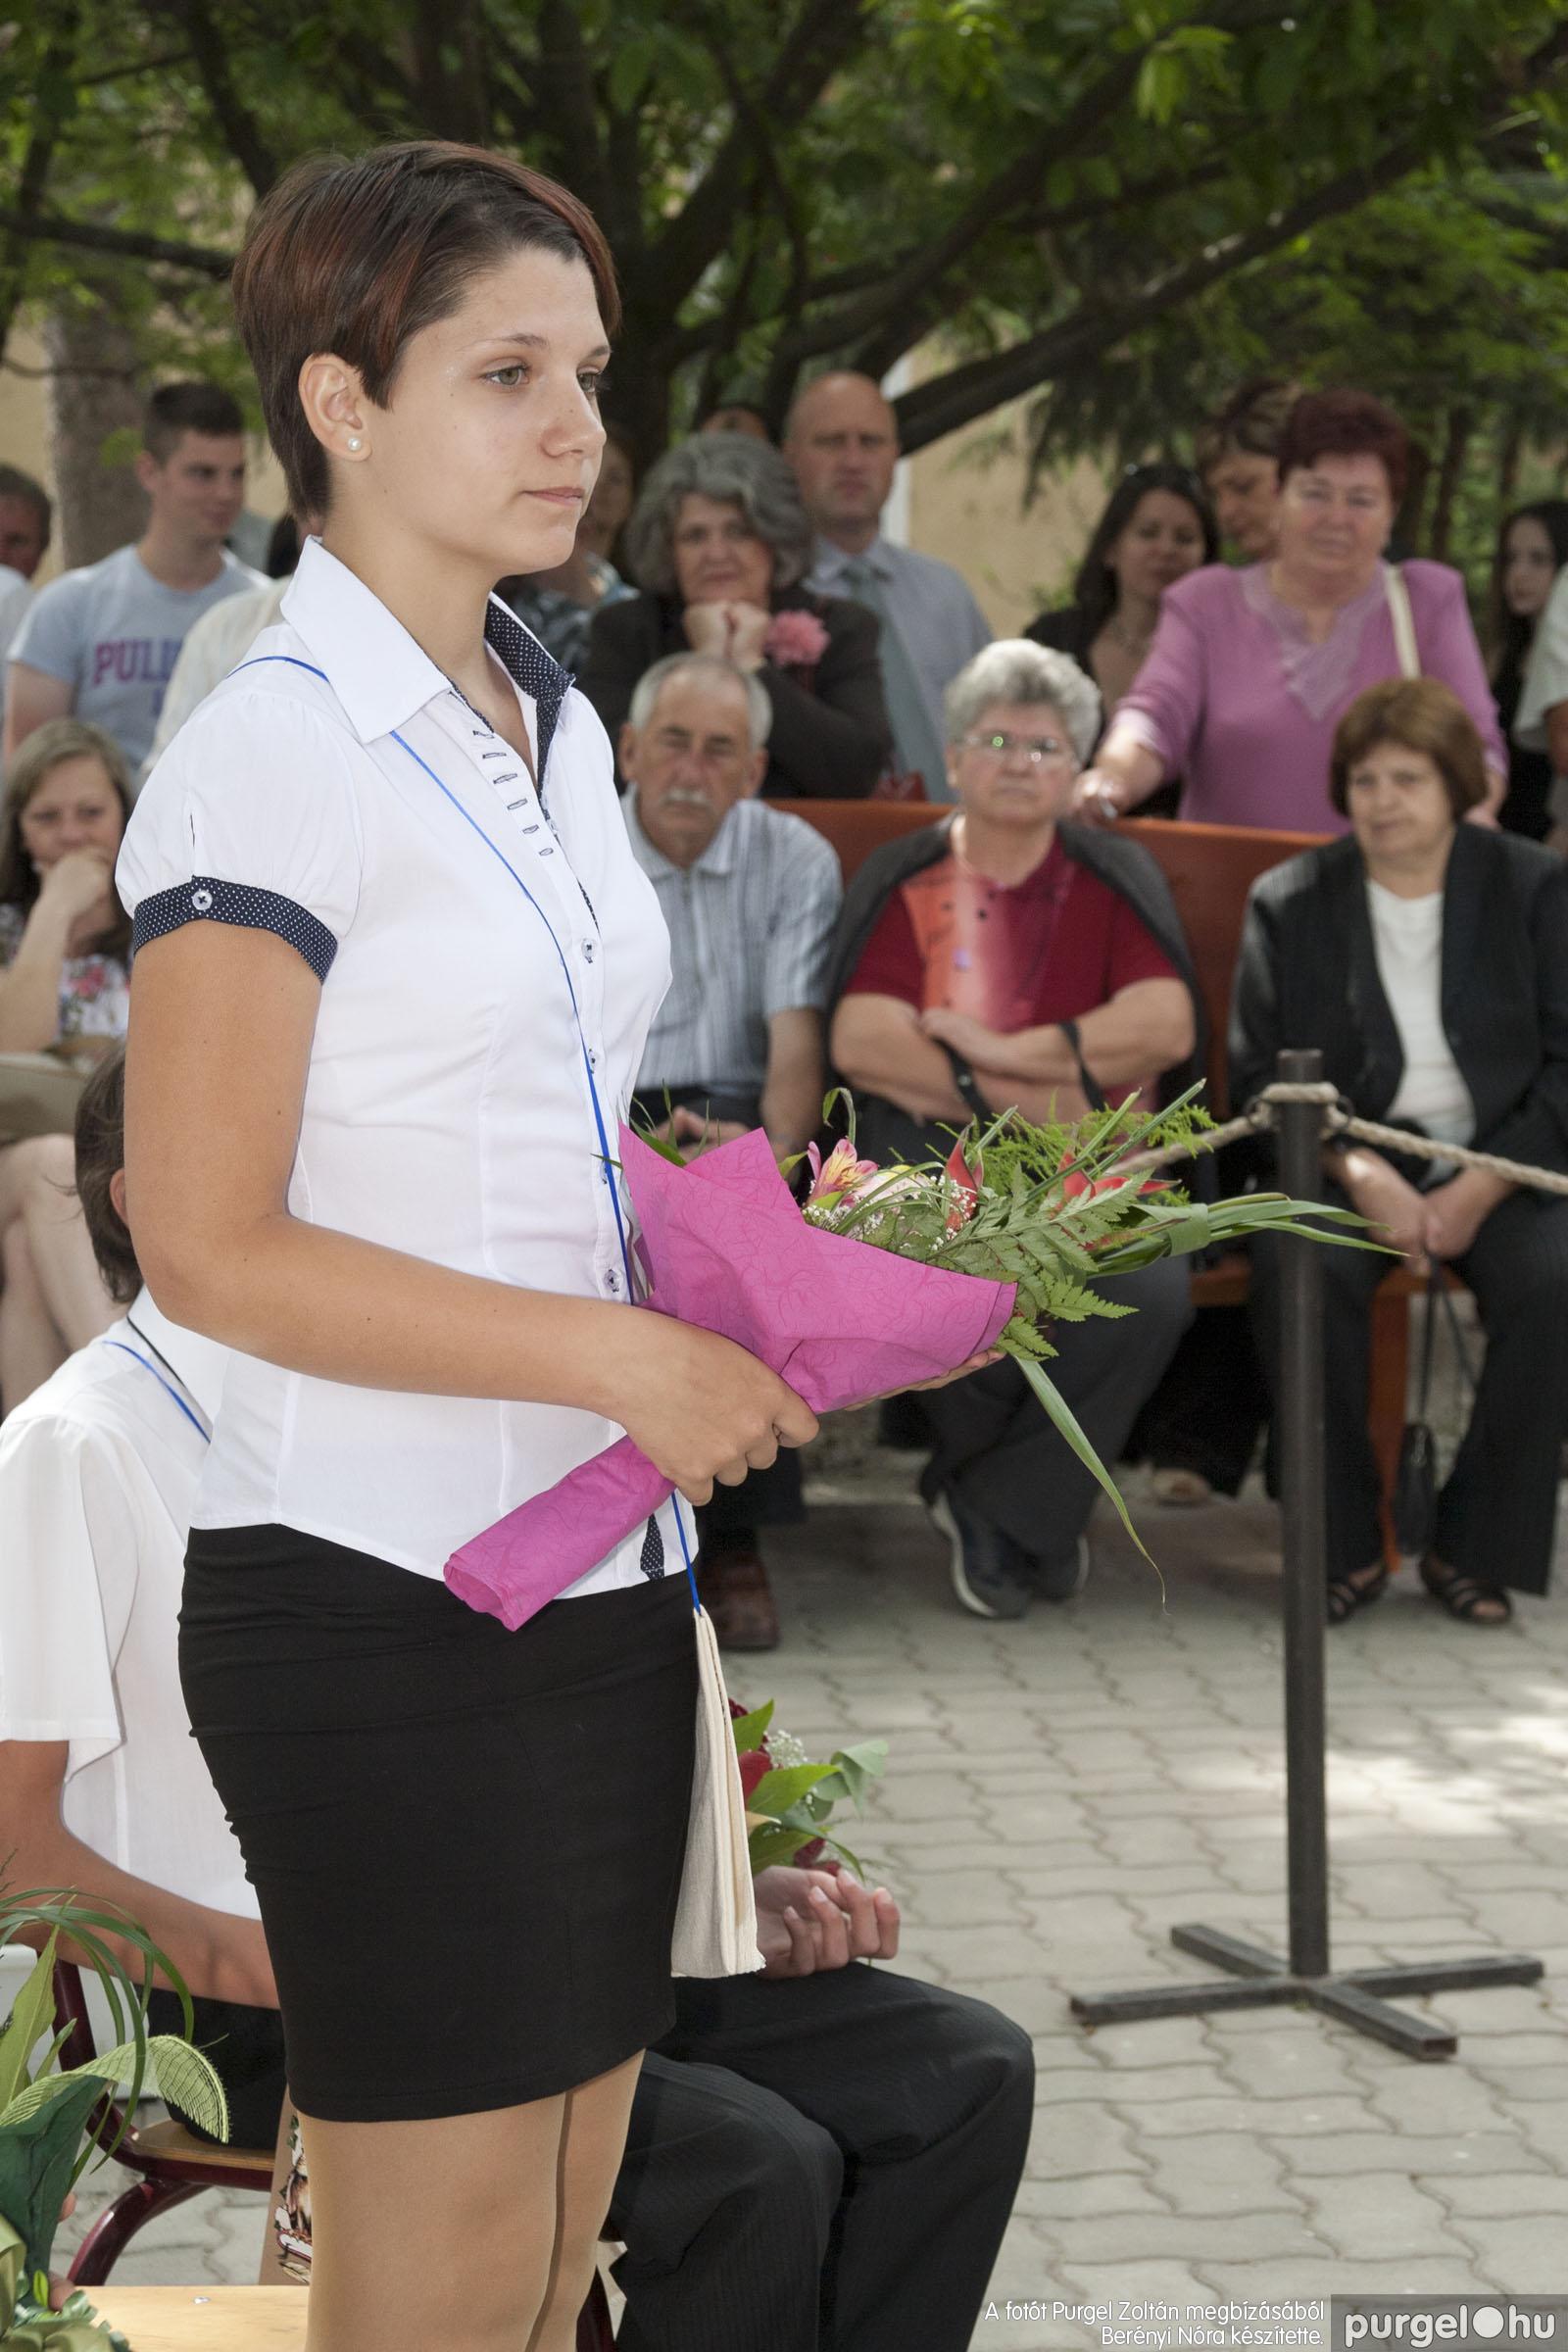 2014.06.14. 235 Forray Máté Általános Iskola ballagás 2014. - Fotó:BERÉNYI NÓRA© _MG_5891.jpg